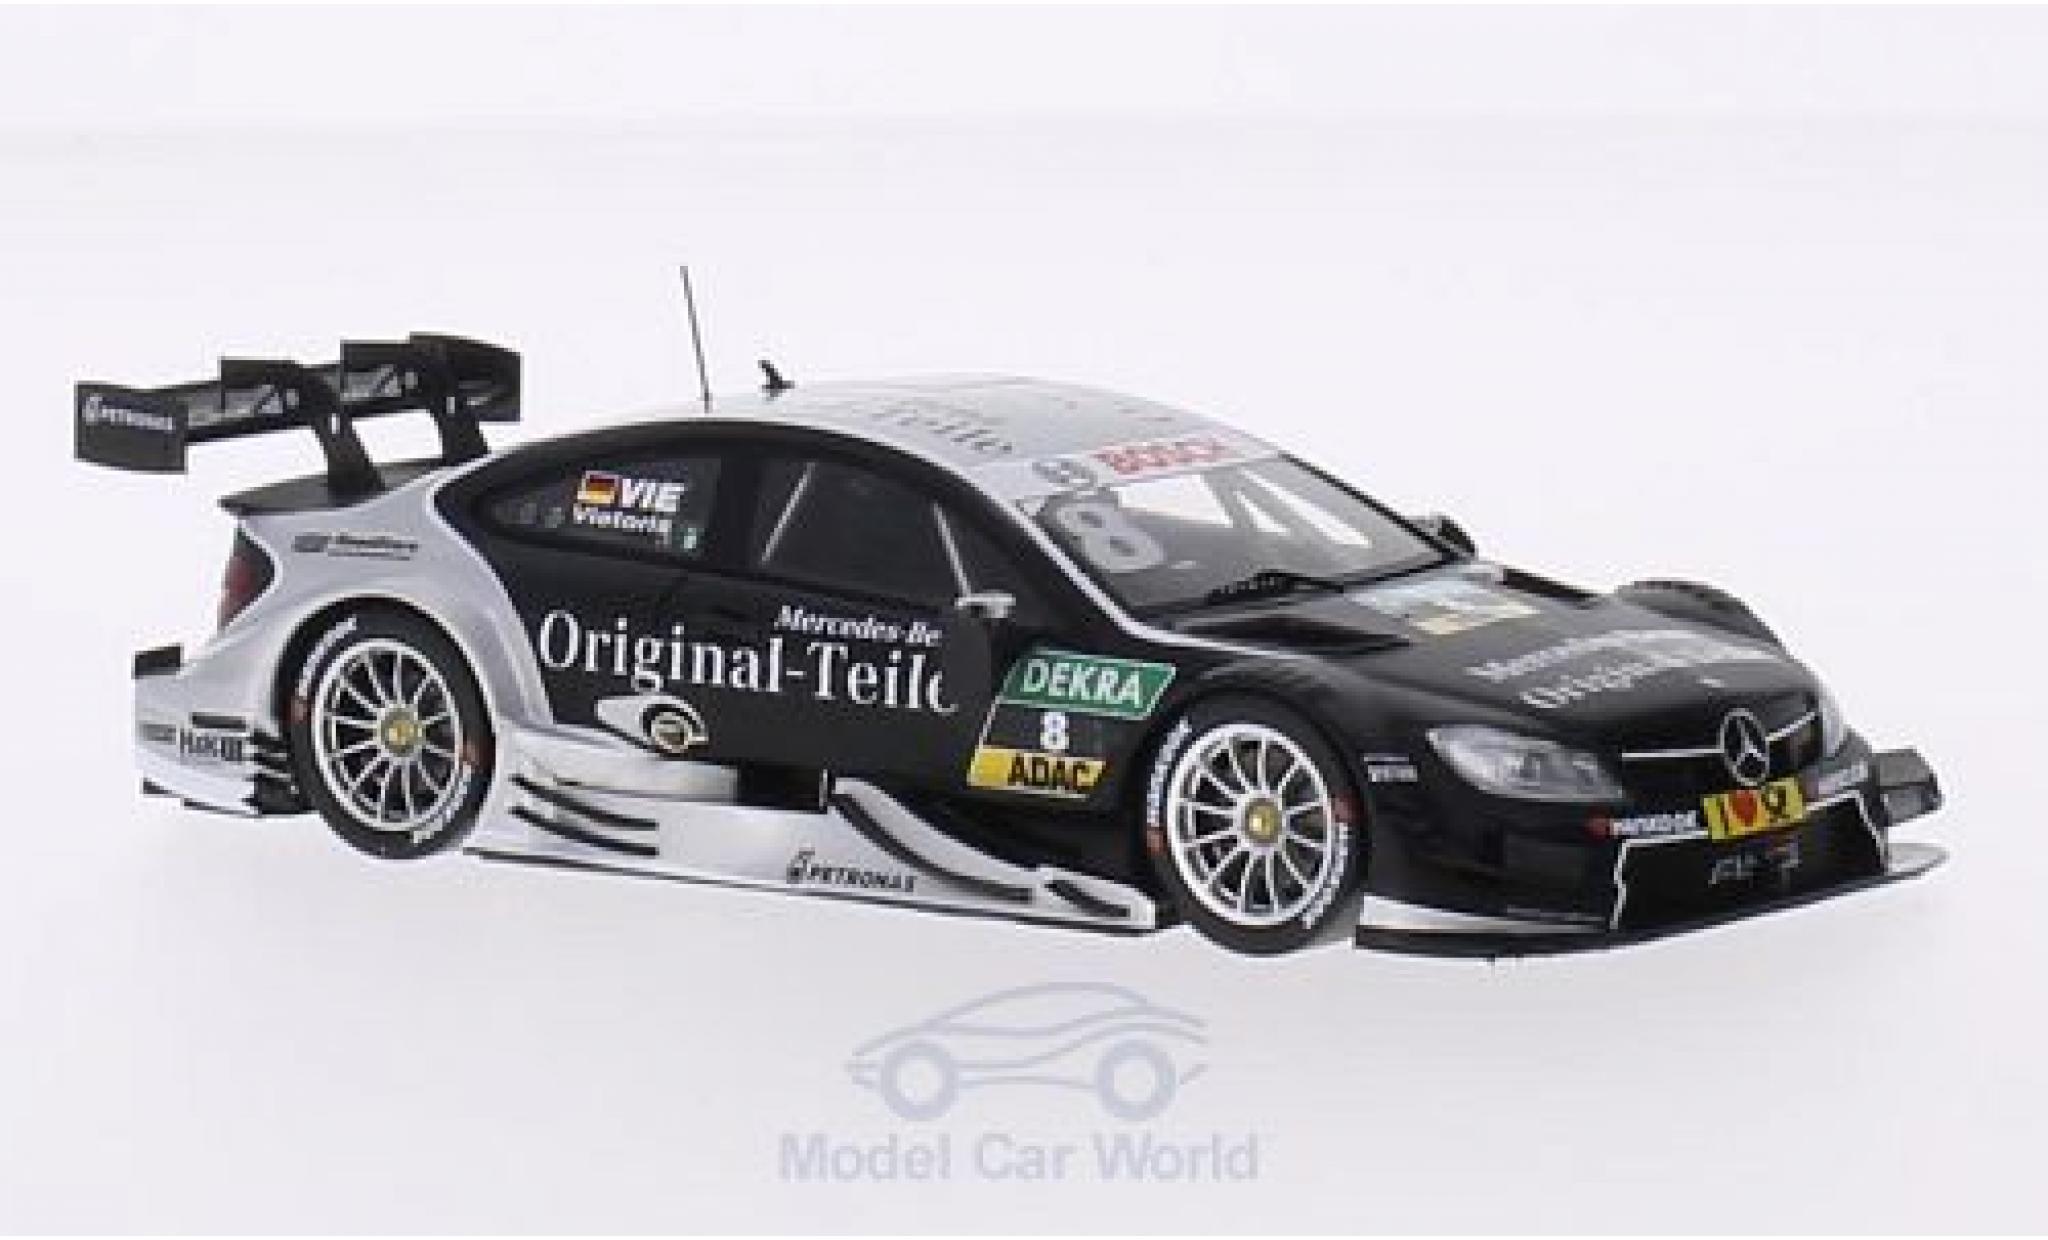 Mercedes Classe C DTM 1/43 Spark C63 AMG DTM No.8 -Benz Original-Teile DTM C.Vietoris